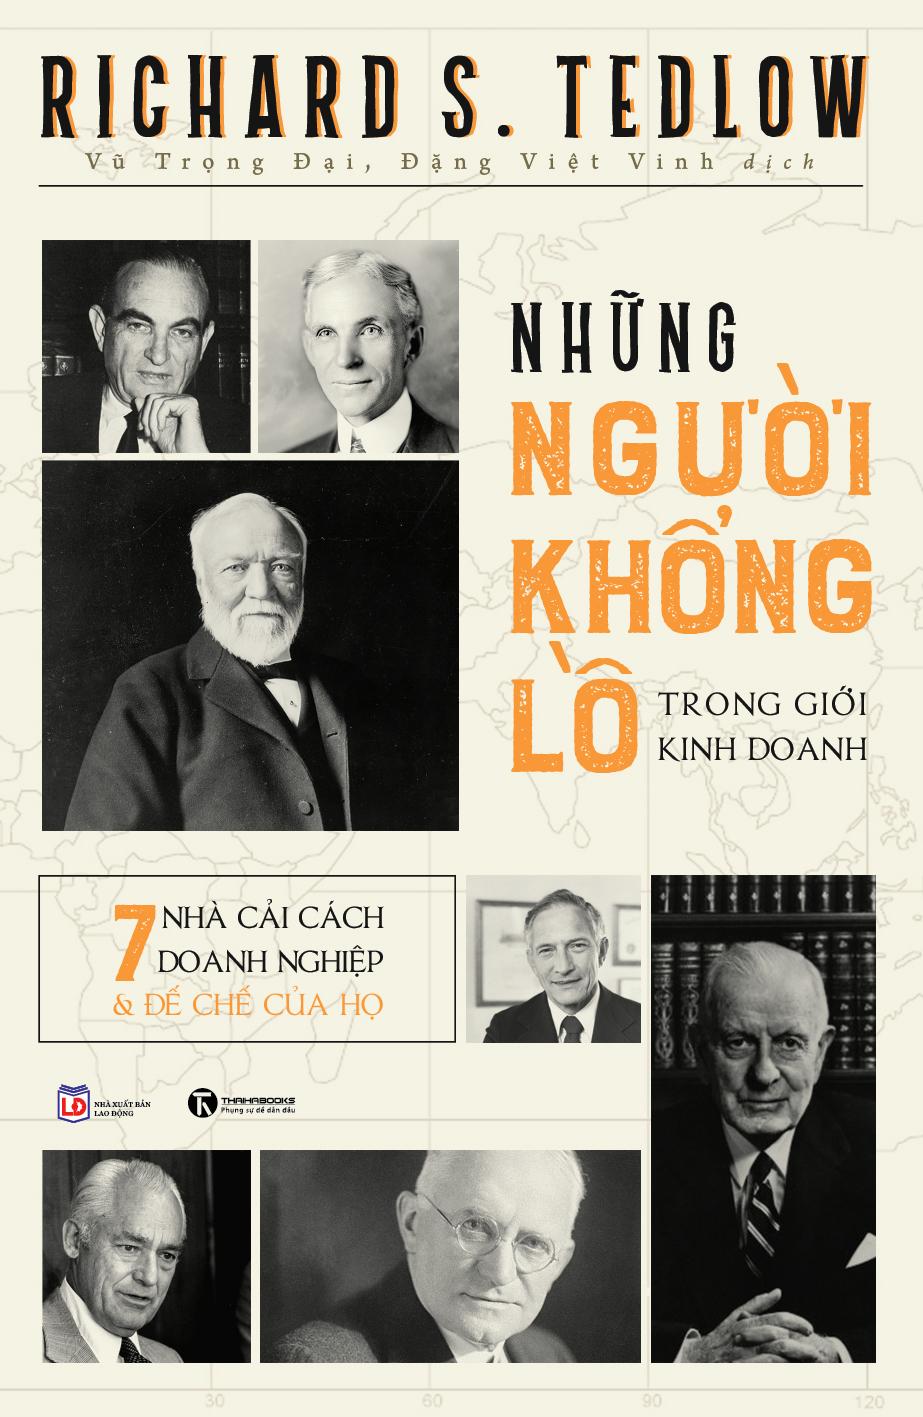 """Ngày 29/12, chương trình giao lưu với chủ đề """"Vai trò của sách trong công việc và cuộc sống – Những người khổng lồ trong giới kinh doanh"""""""